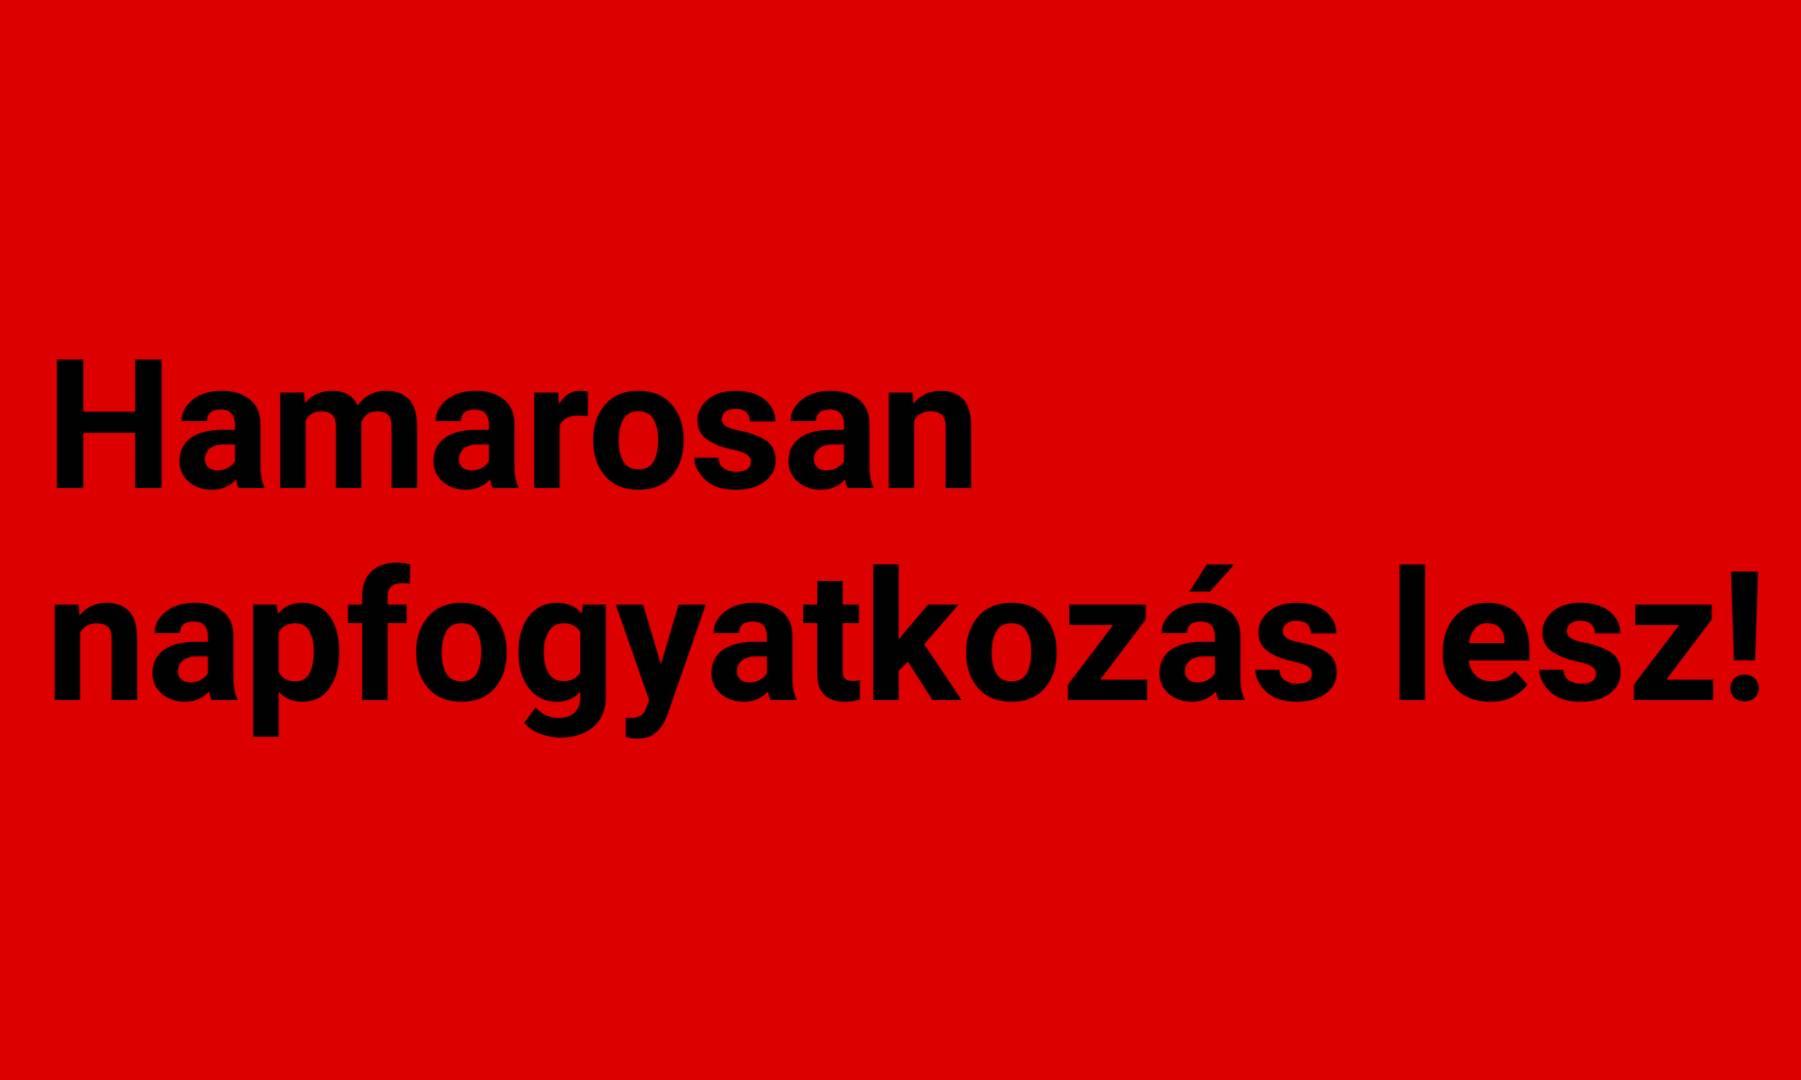 Különleges napfogyatkozás lesz Magyarországon is! 3